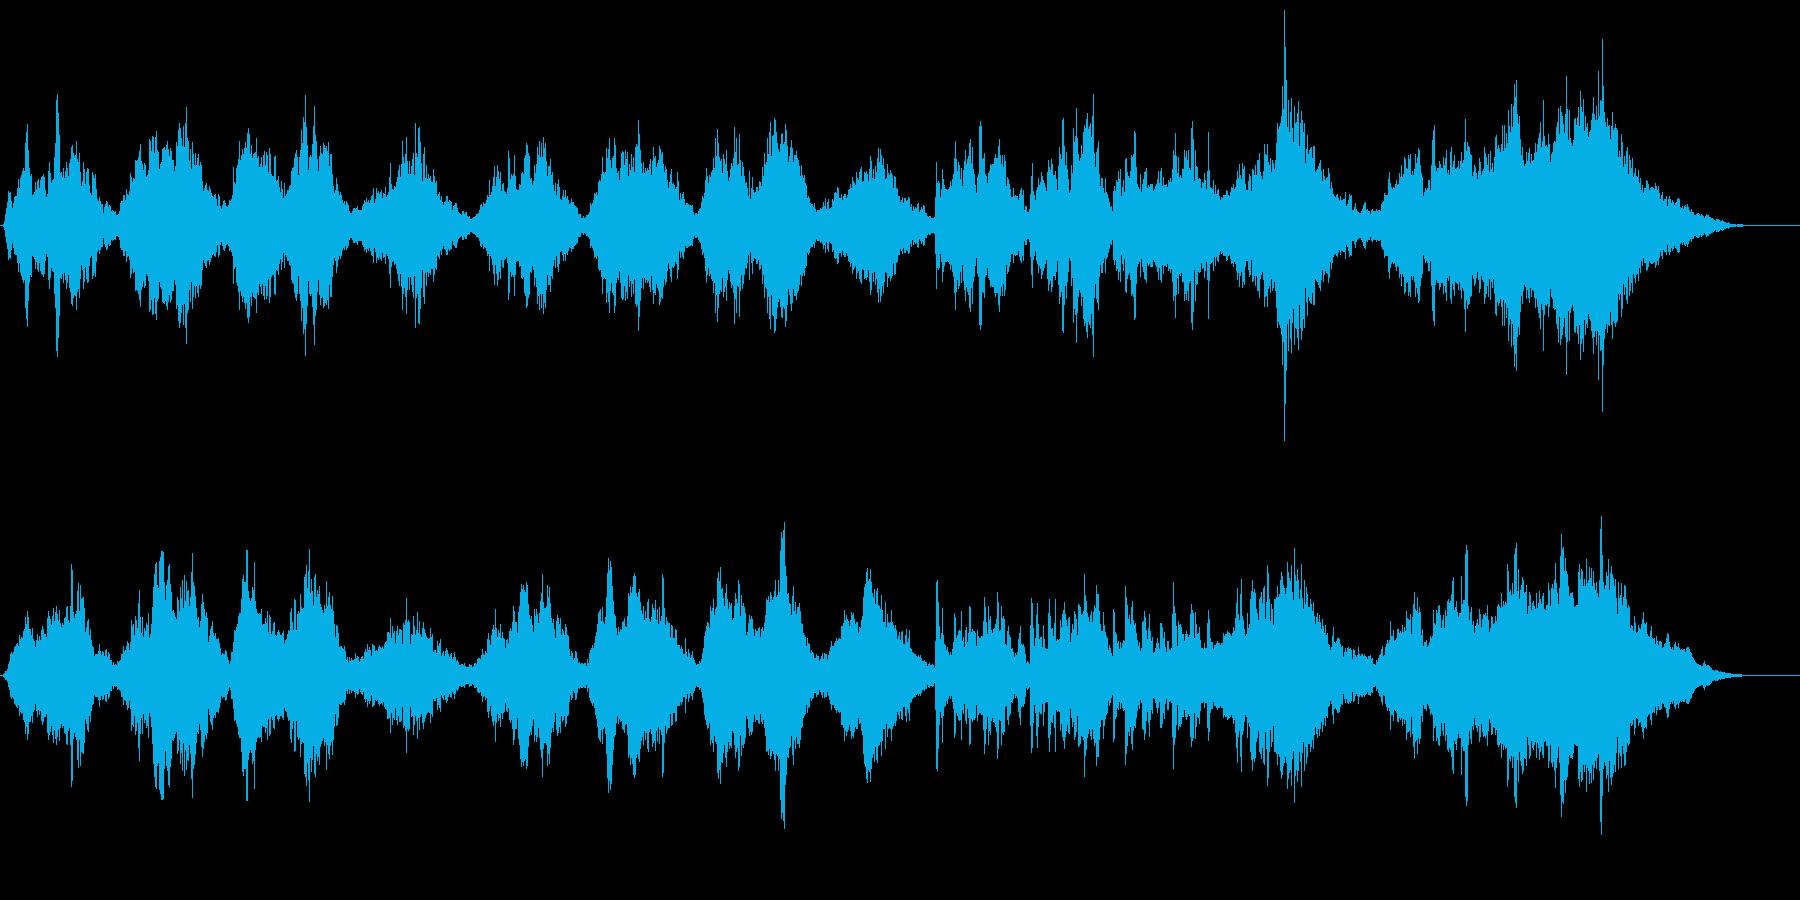 ドラマチックで感動的なストリングス曲の再生済みの波形